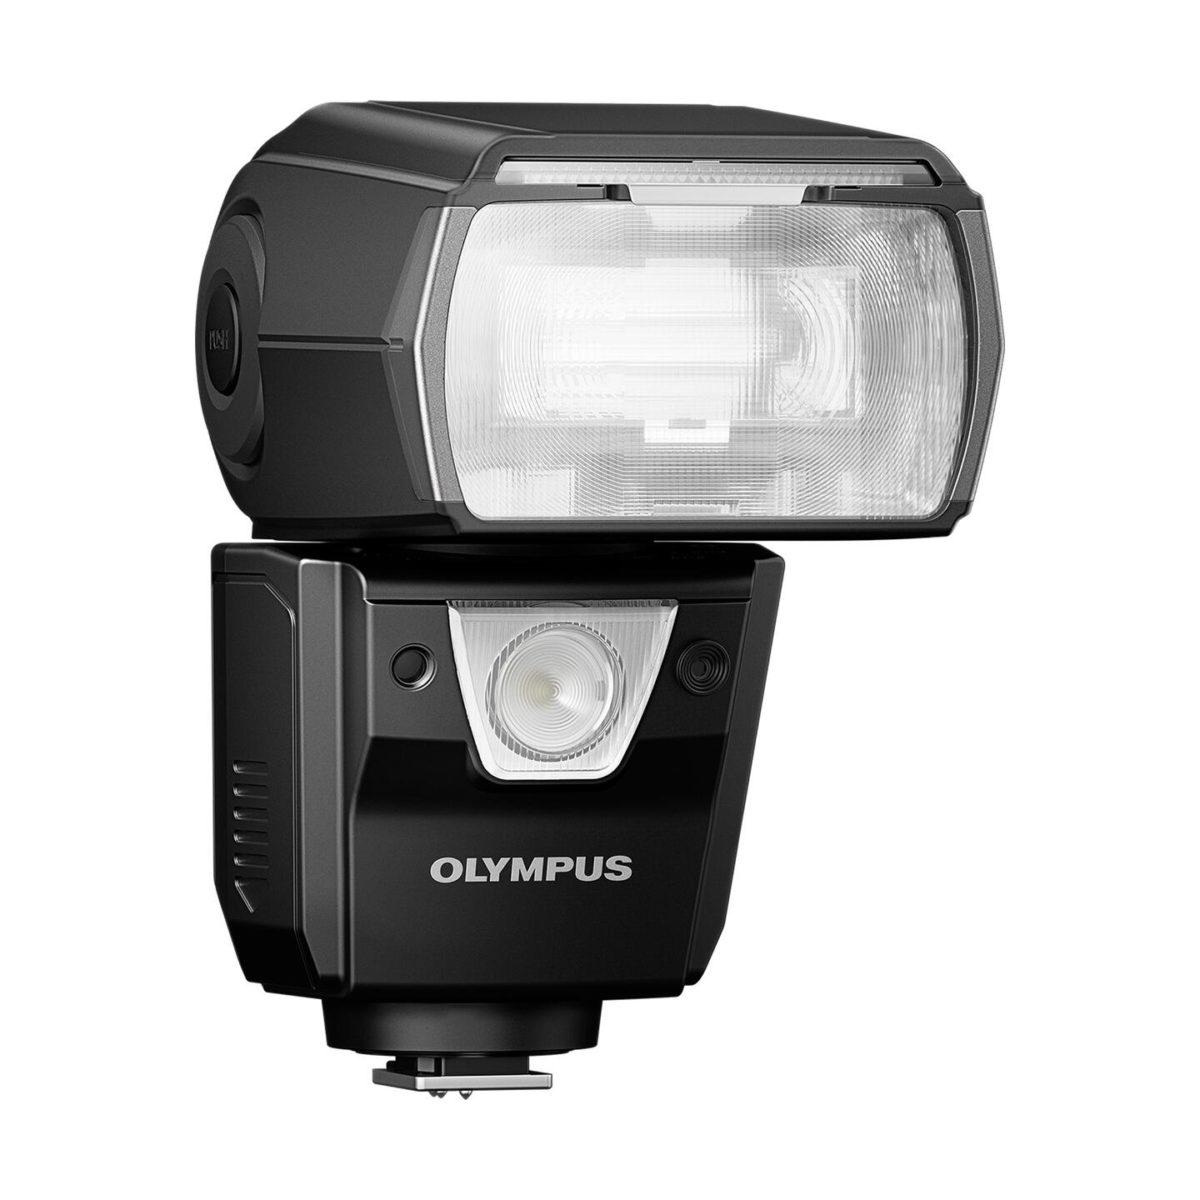 olympus_fl900r_02